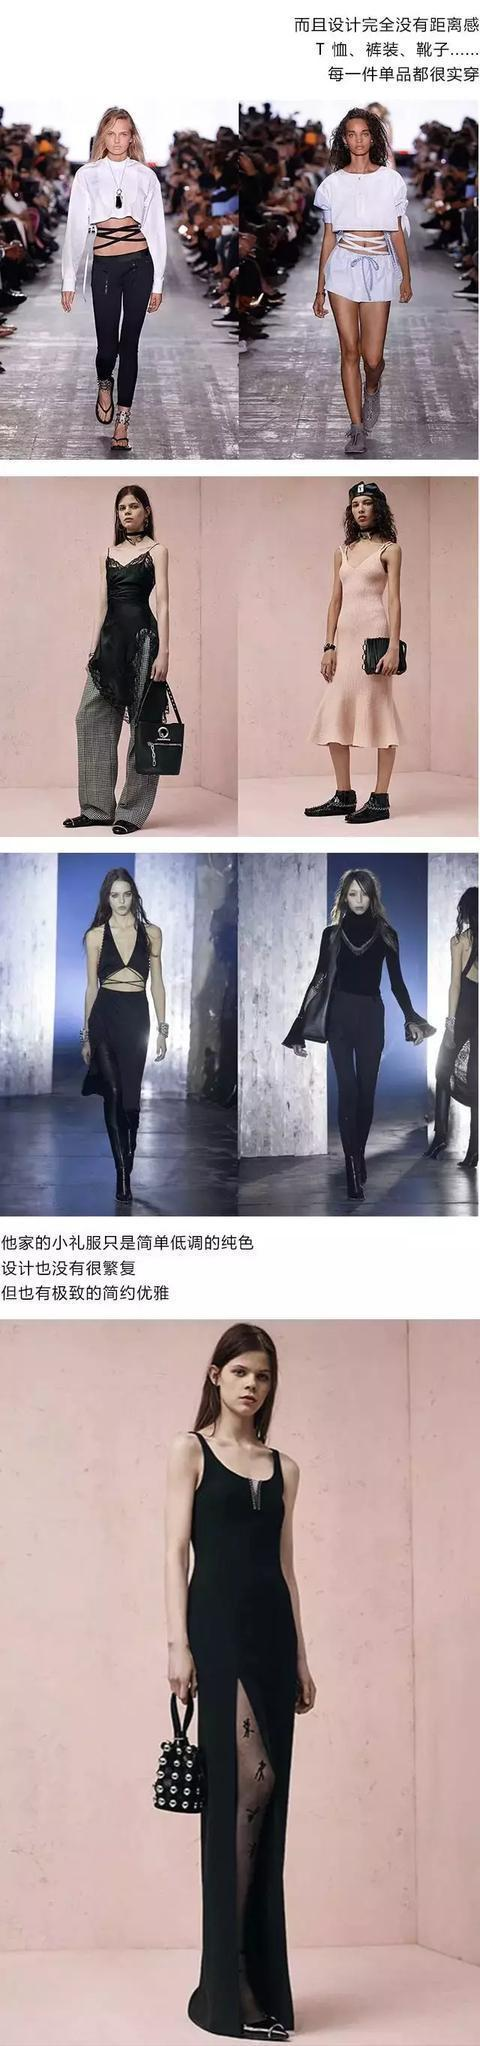 好物|紐約最炙手可熱的亞裔設計師——王大仁